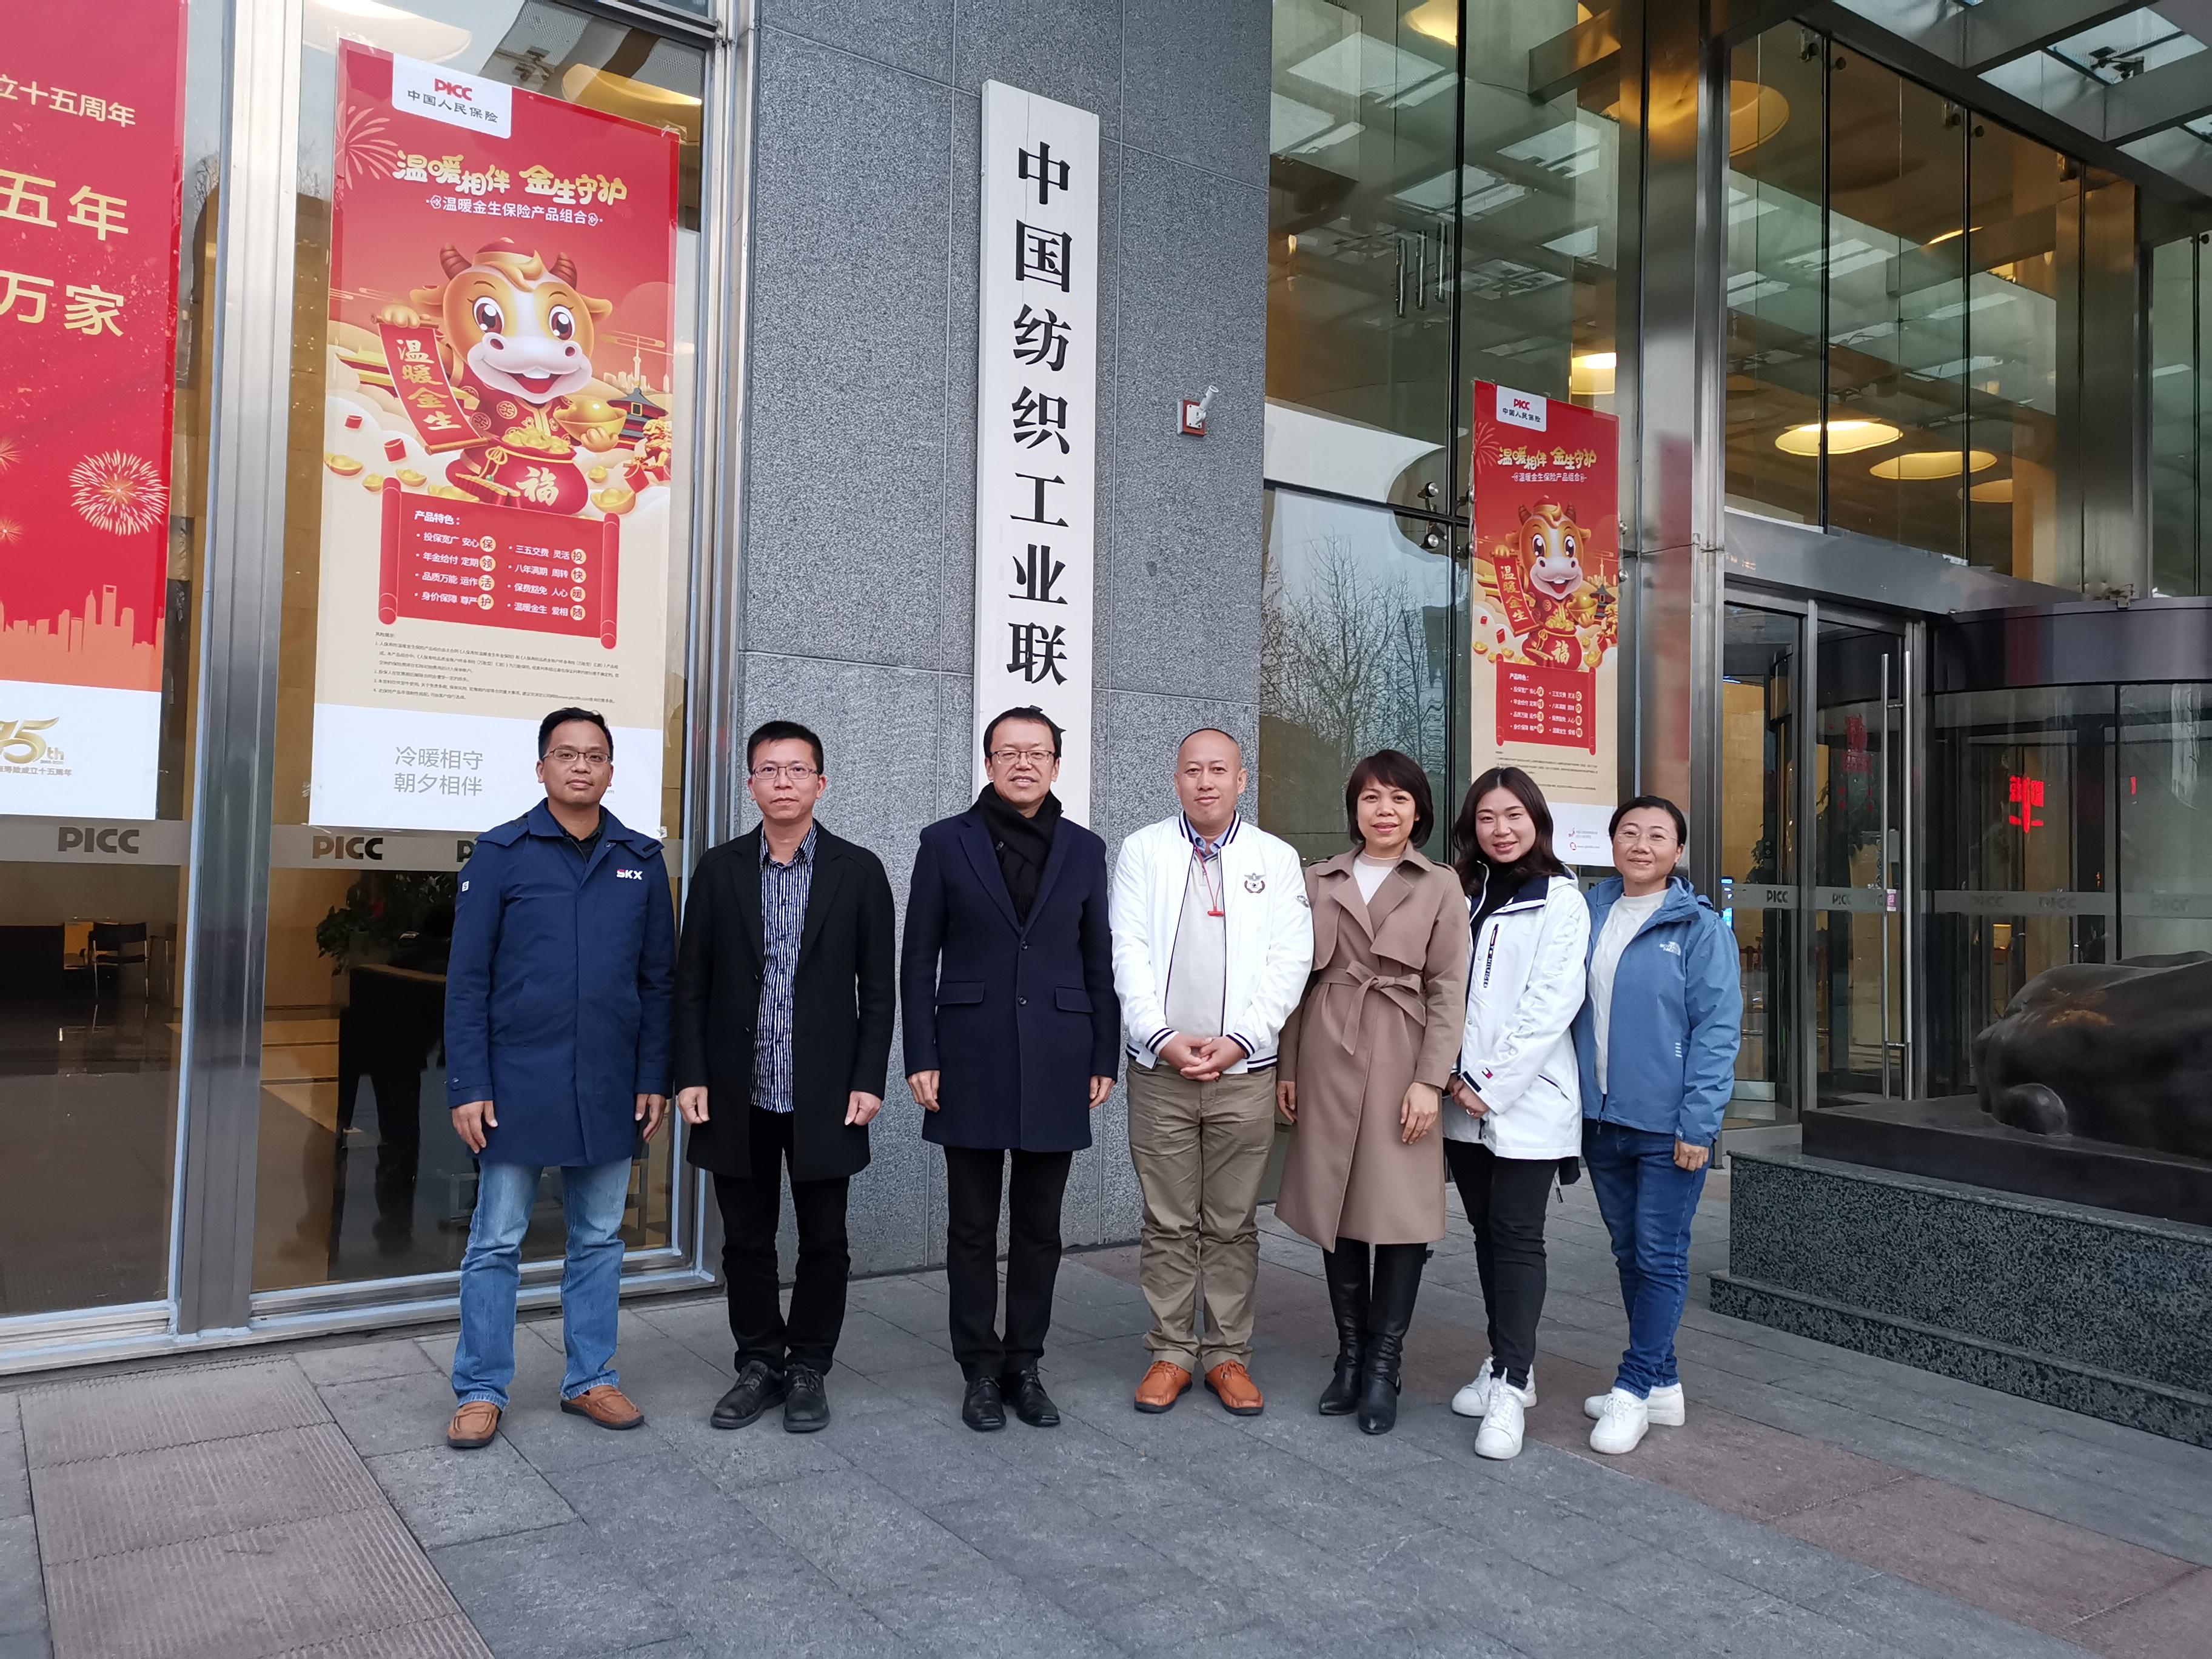 图为:镇领导班子带队前往北京拜访中国产业用纺织品行业协会,为九江打造世界级产业集群而问计于行业专家。